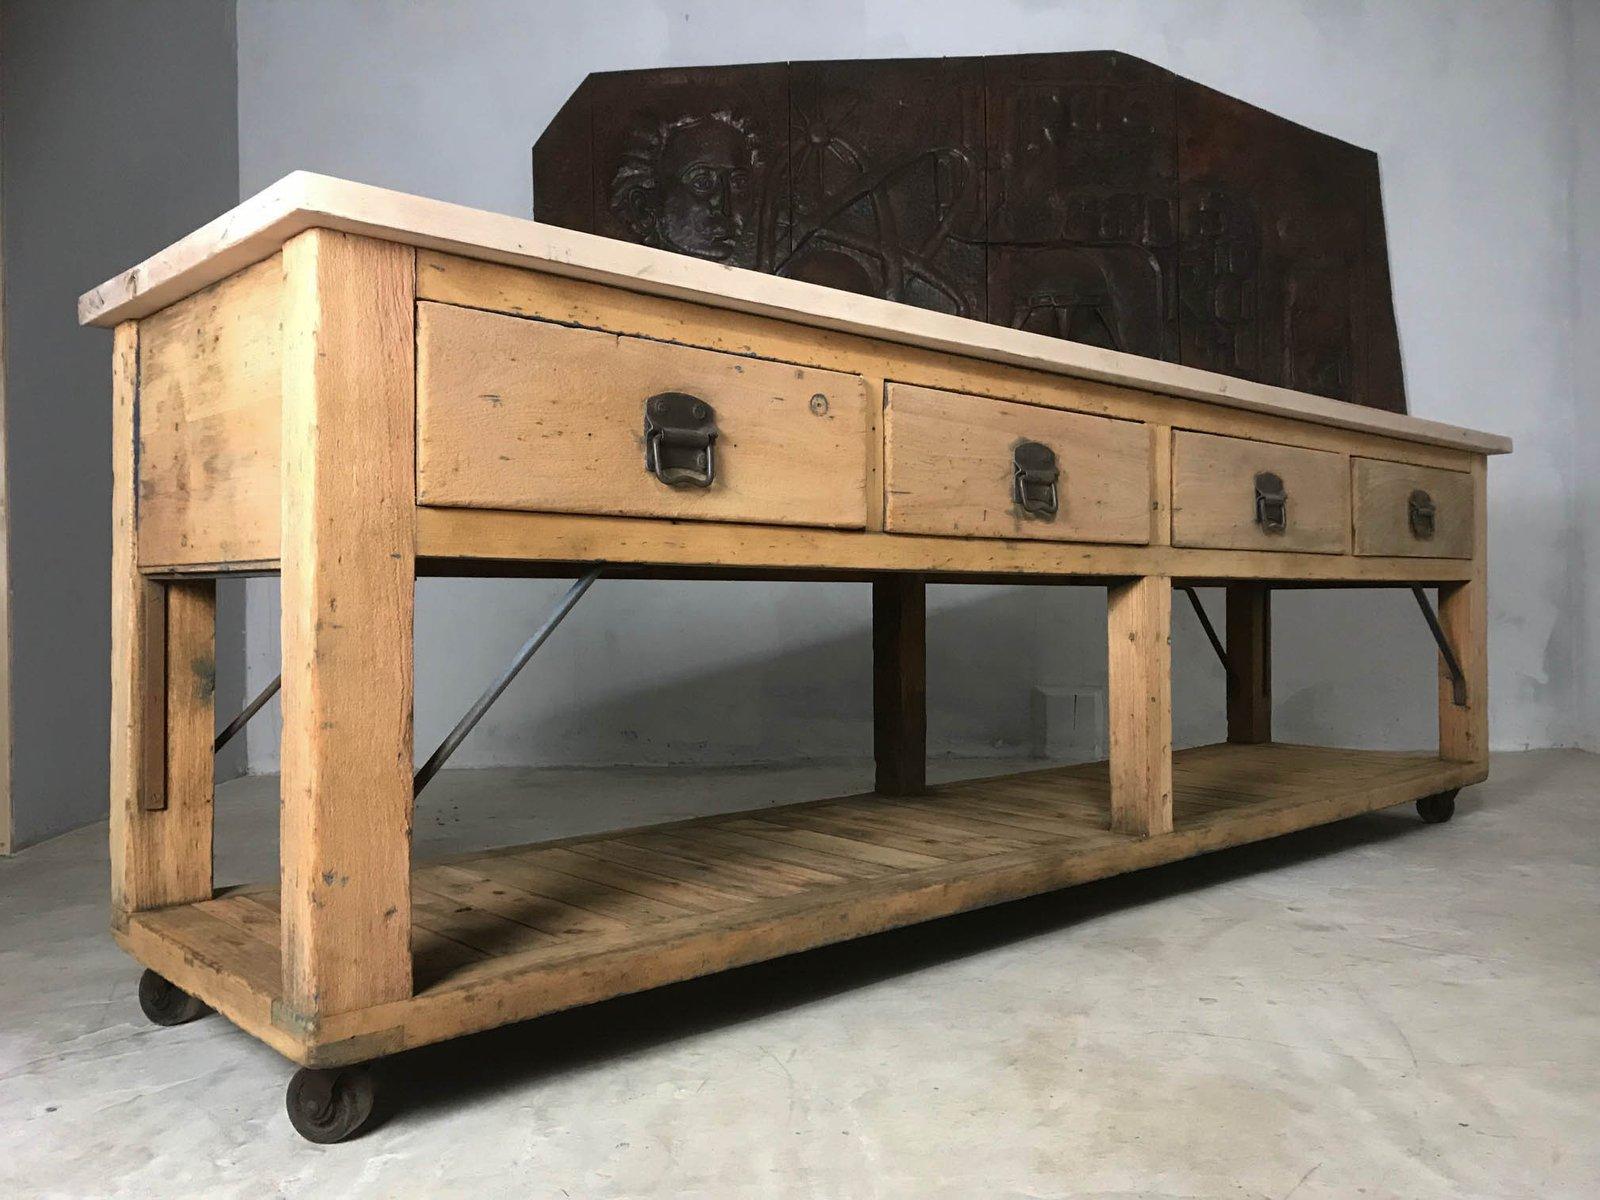 Credenza Vintage Per Cucina : Credenza da cucina o tavolo fornaio vintage in legno diof